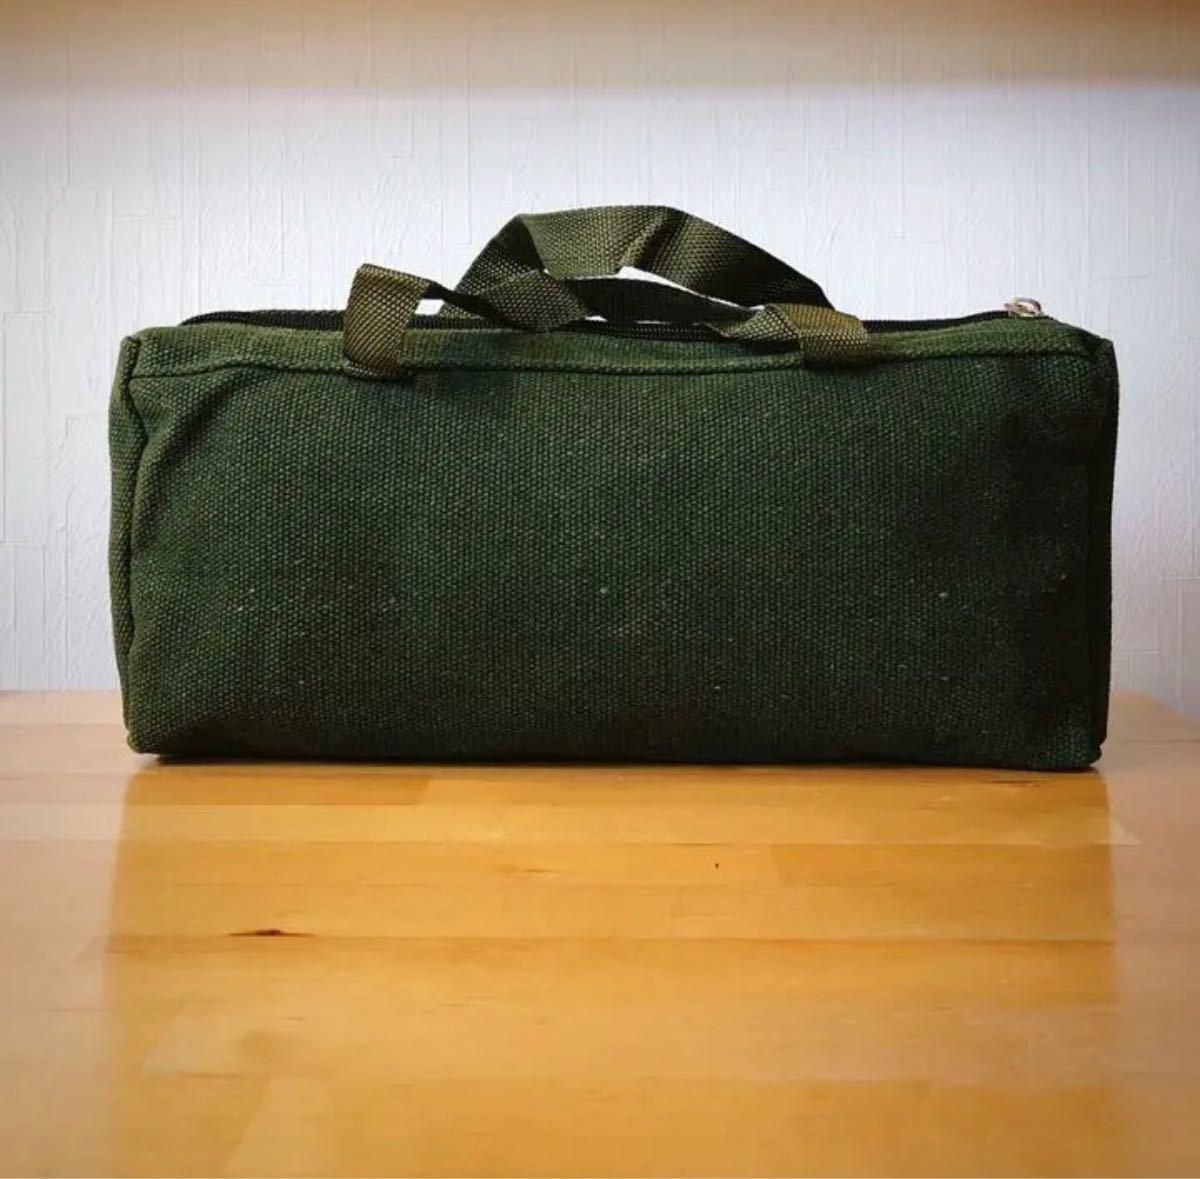 ペグ ケース 道具入れ グリーン ミリタリー キャンプ アウトドア テント タープ 男前 収納 お洒落